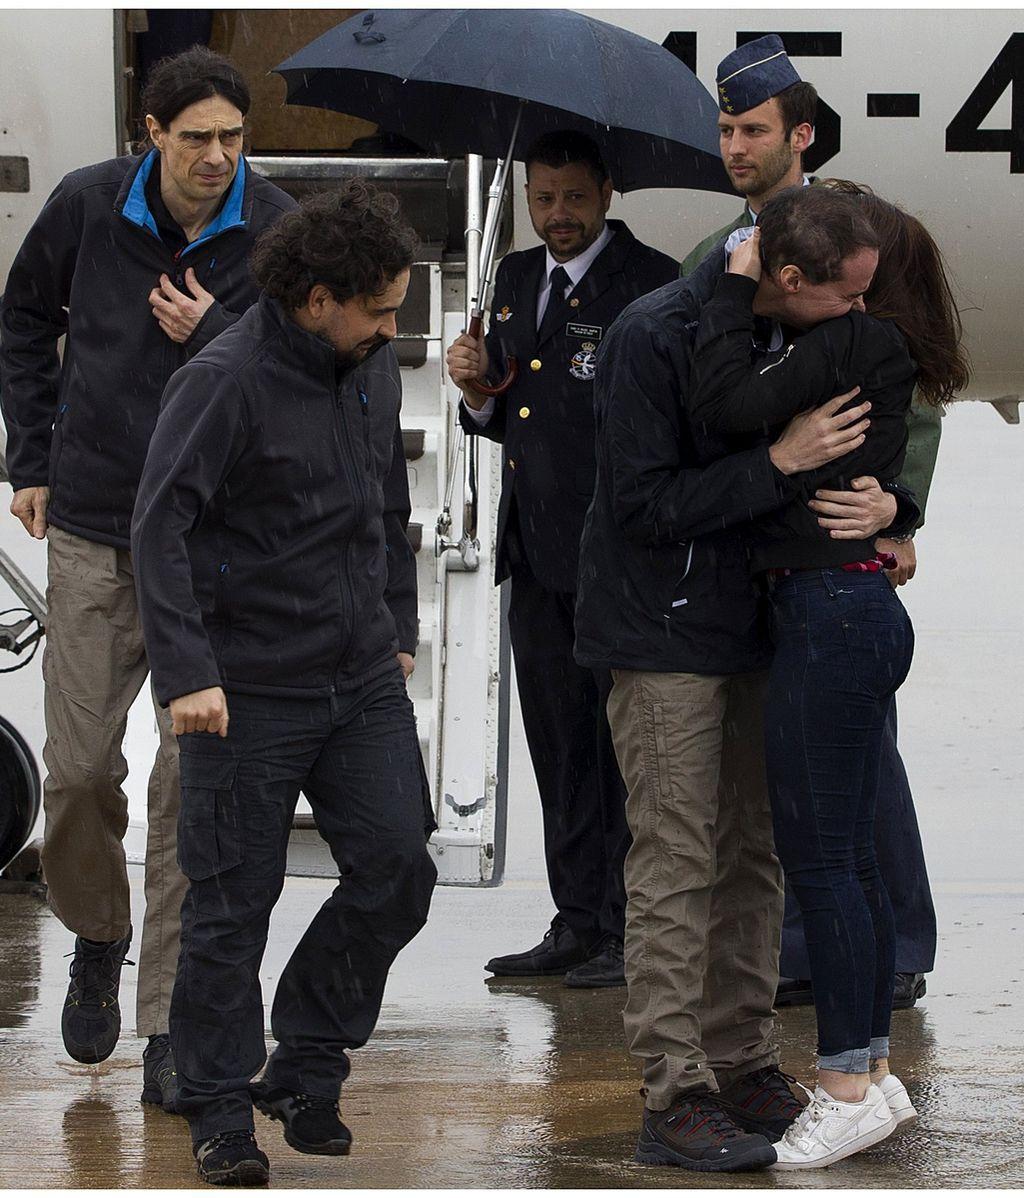 Llegan los periodistas secuestrados en Siria a la base aérea de Torrejón de Ardoz